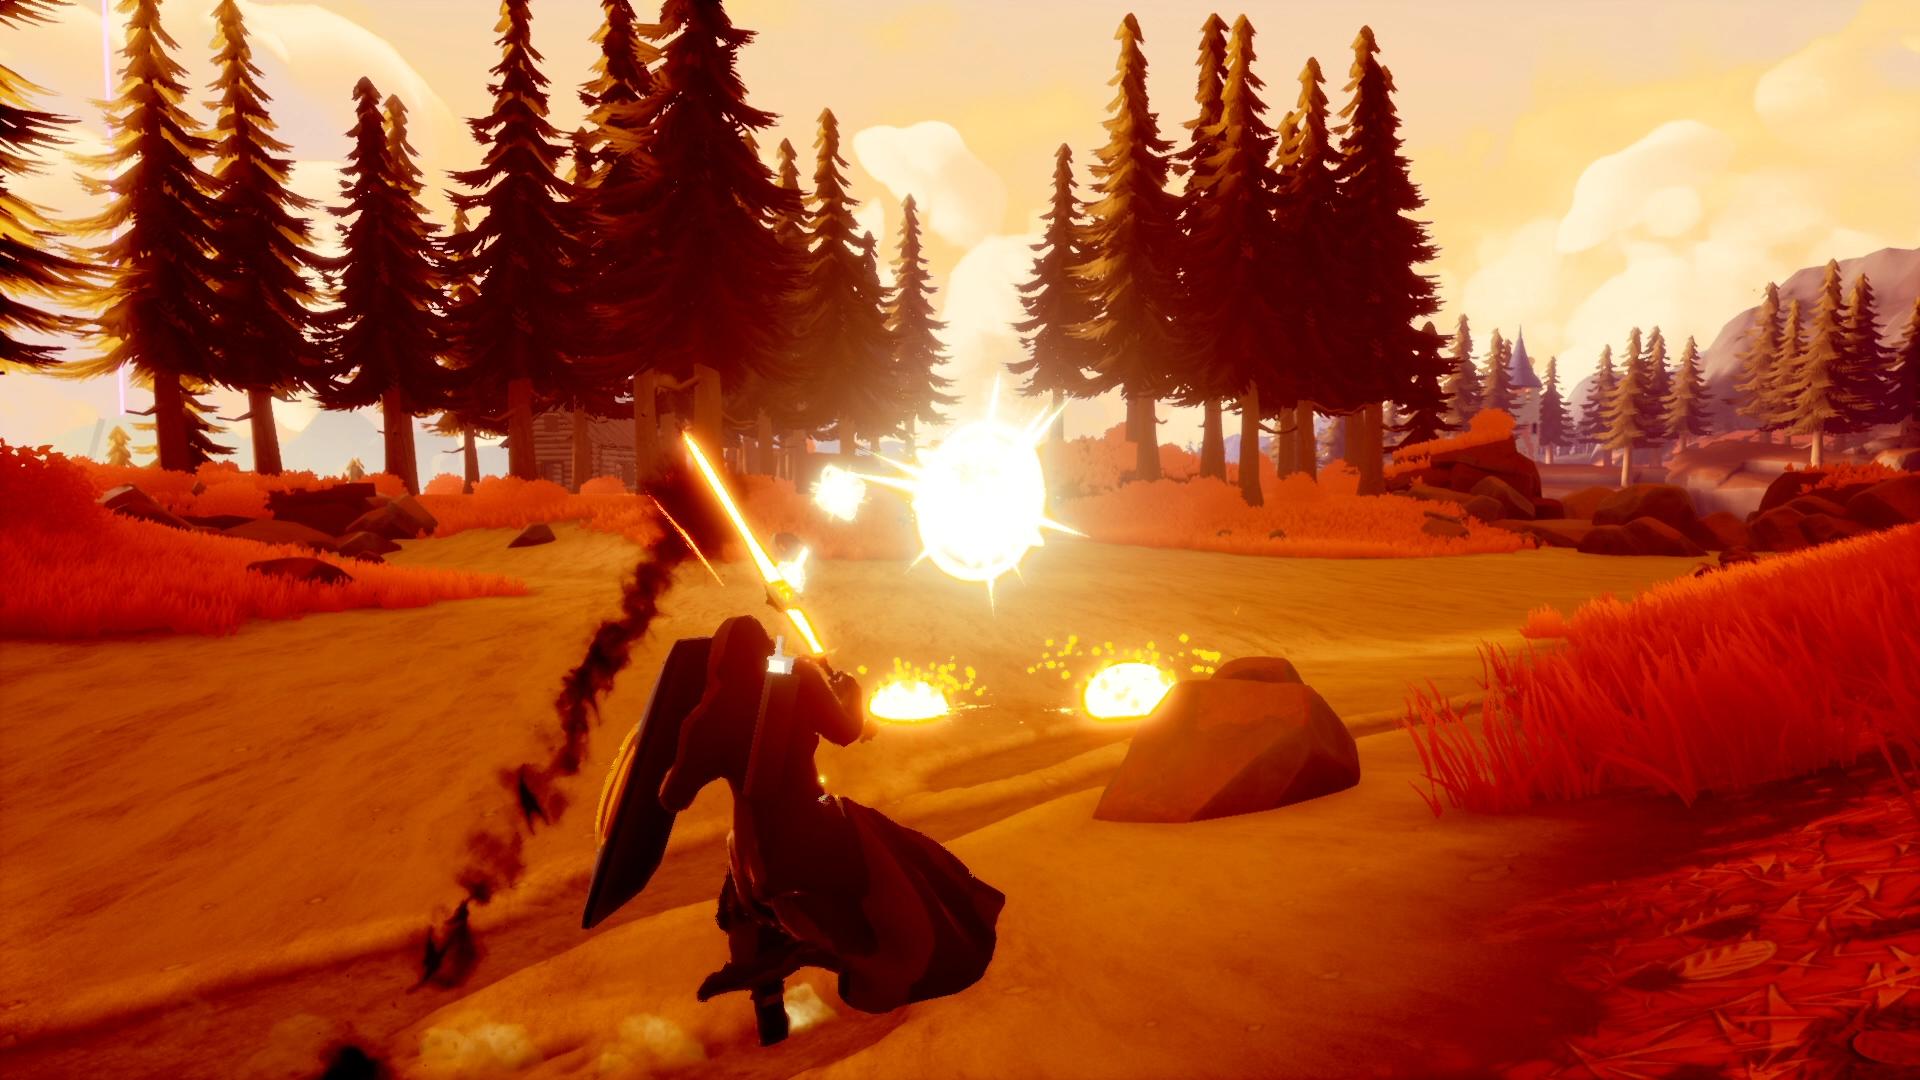 На Kickstarter собирают деньги на Holomento — RPG с пермасмертью